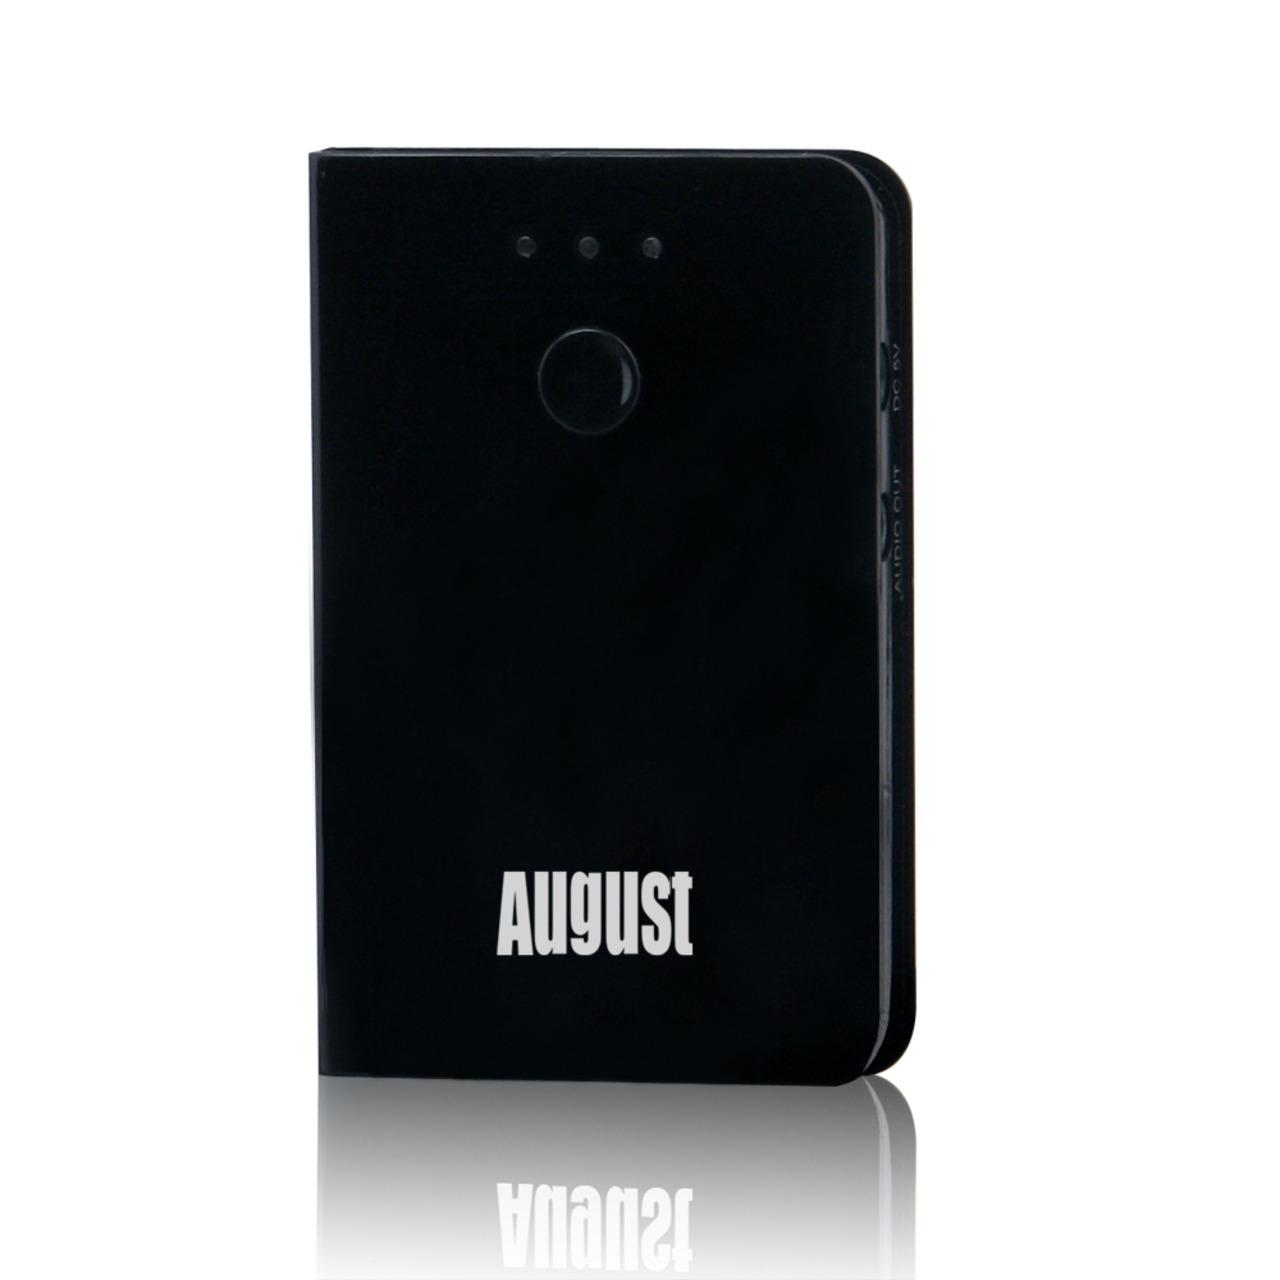 Image of August Bluetooth-Audio-Adapter MR230B, Bluetooth-Receiver/-Empfänger, Akkubetrieb möglich